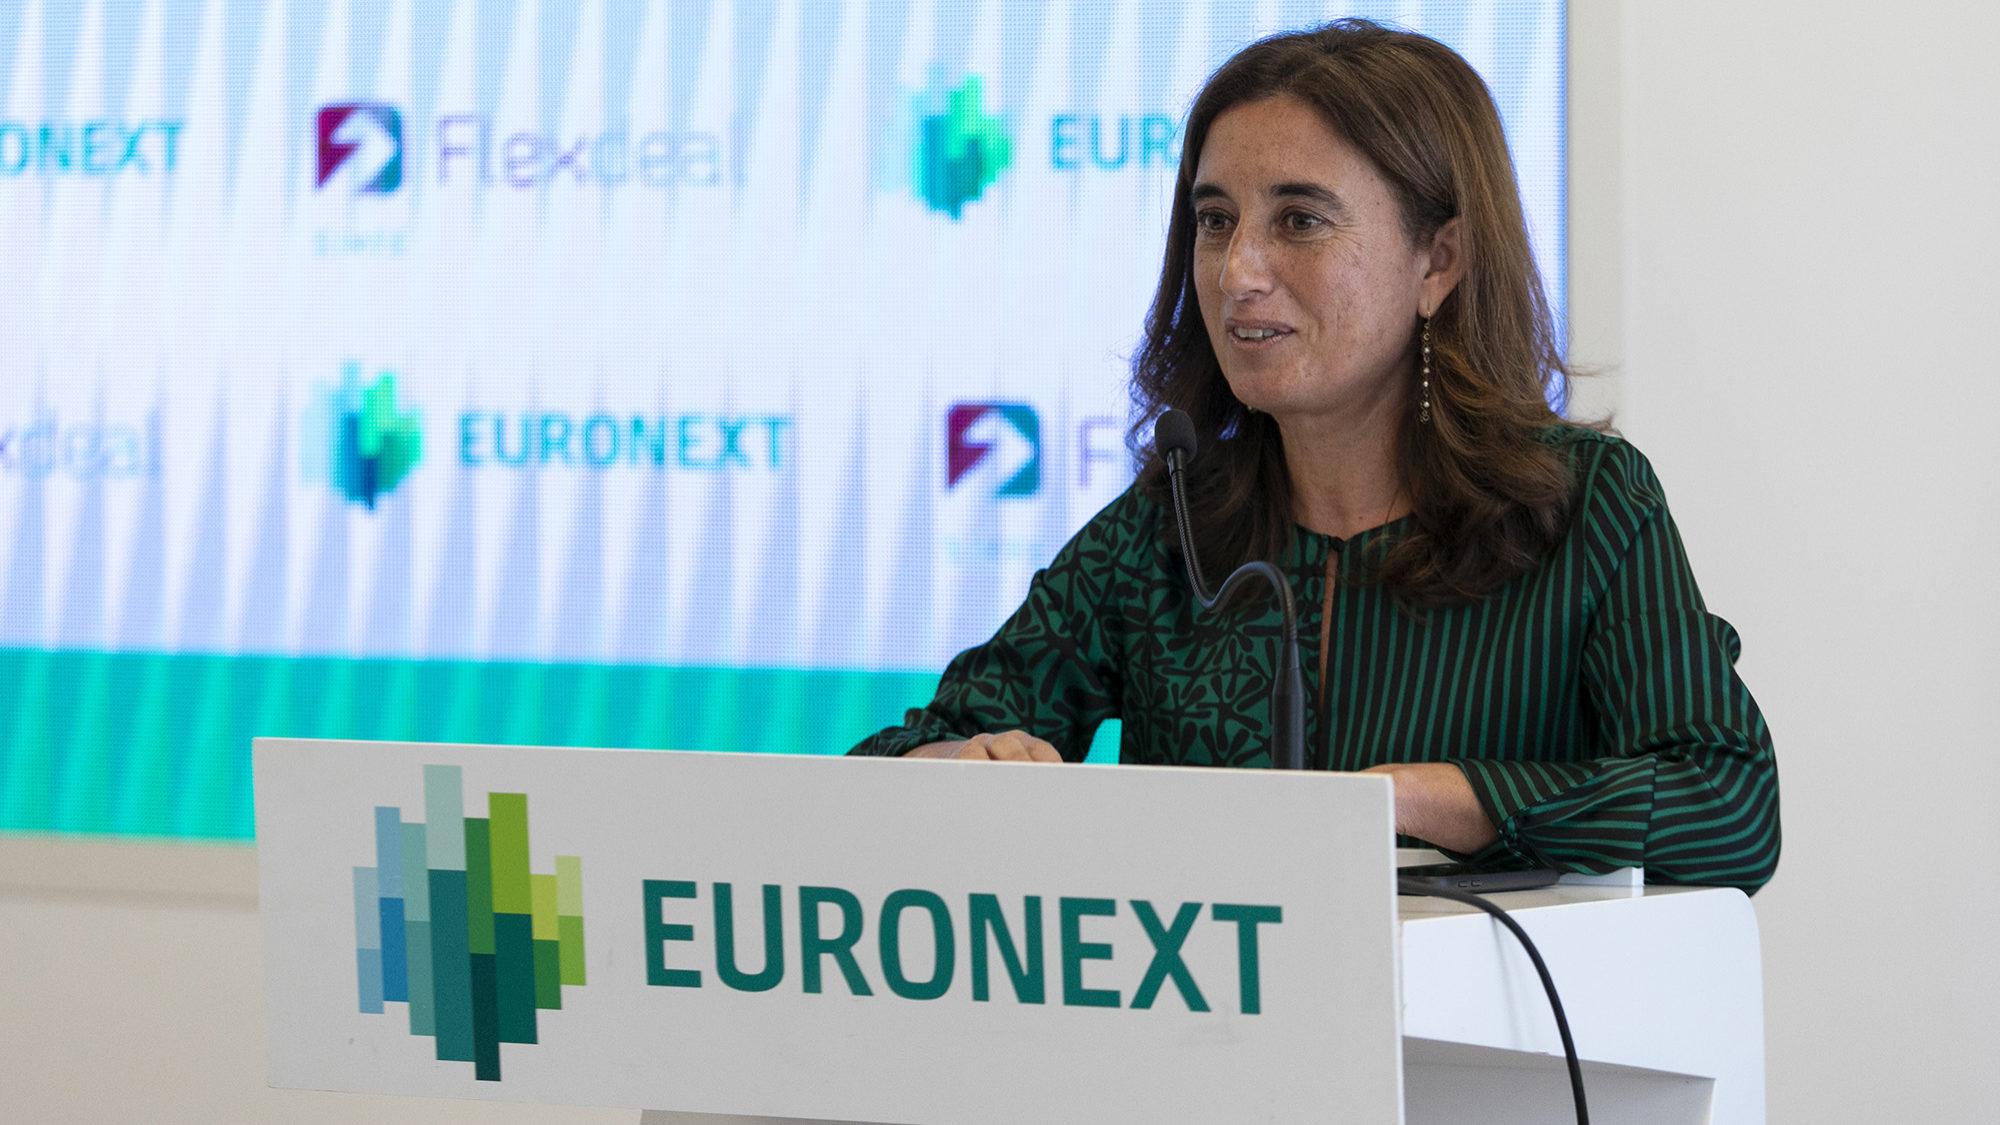 Euronext vai aliar-se a capital de risco para captar startups para a bolsa